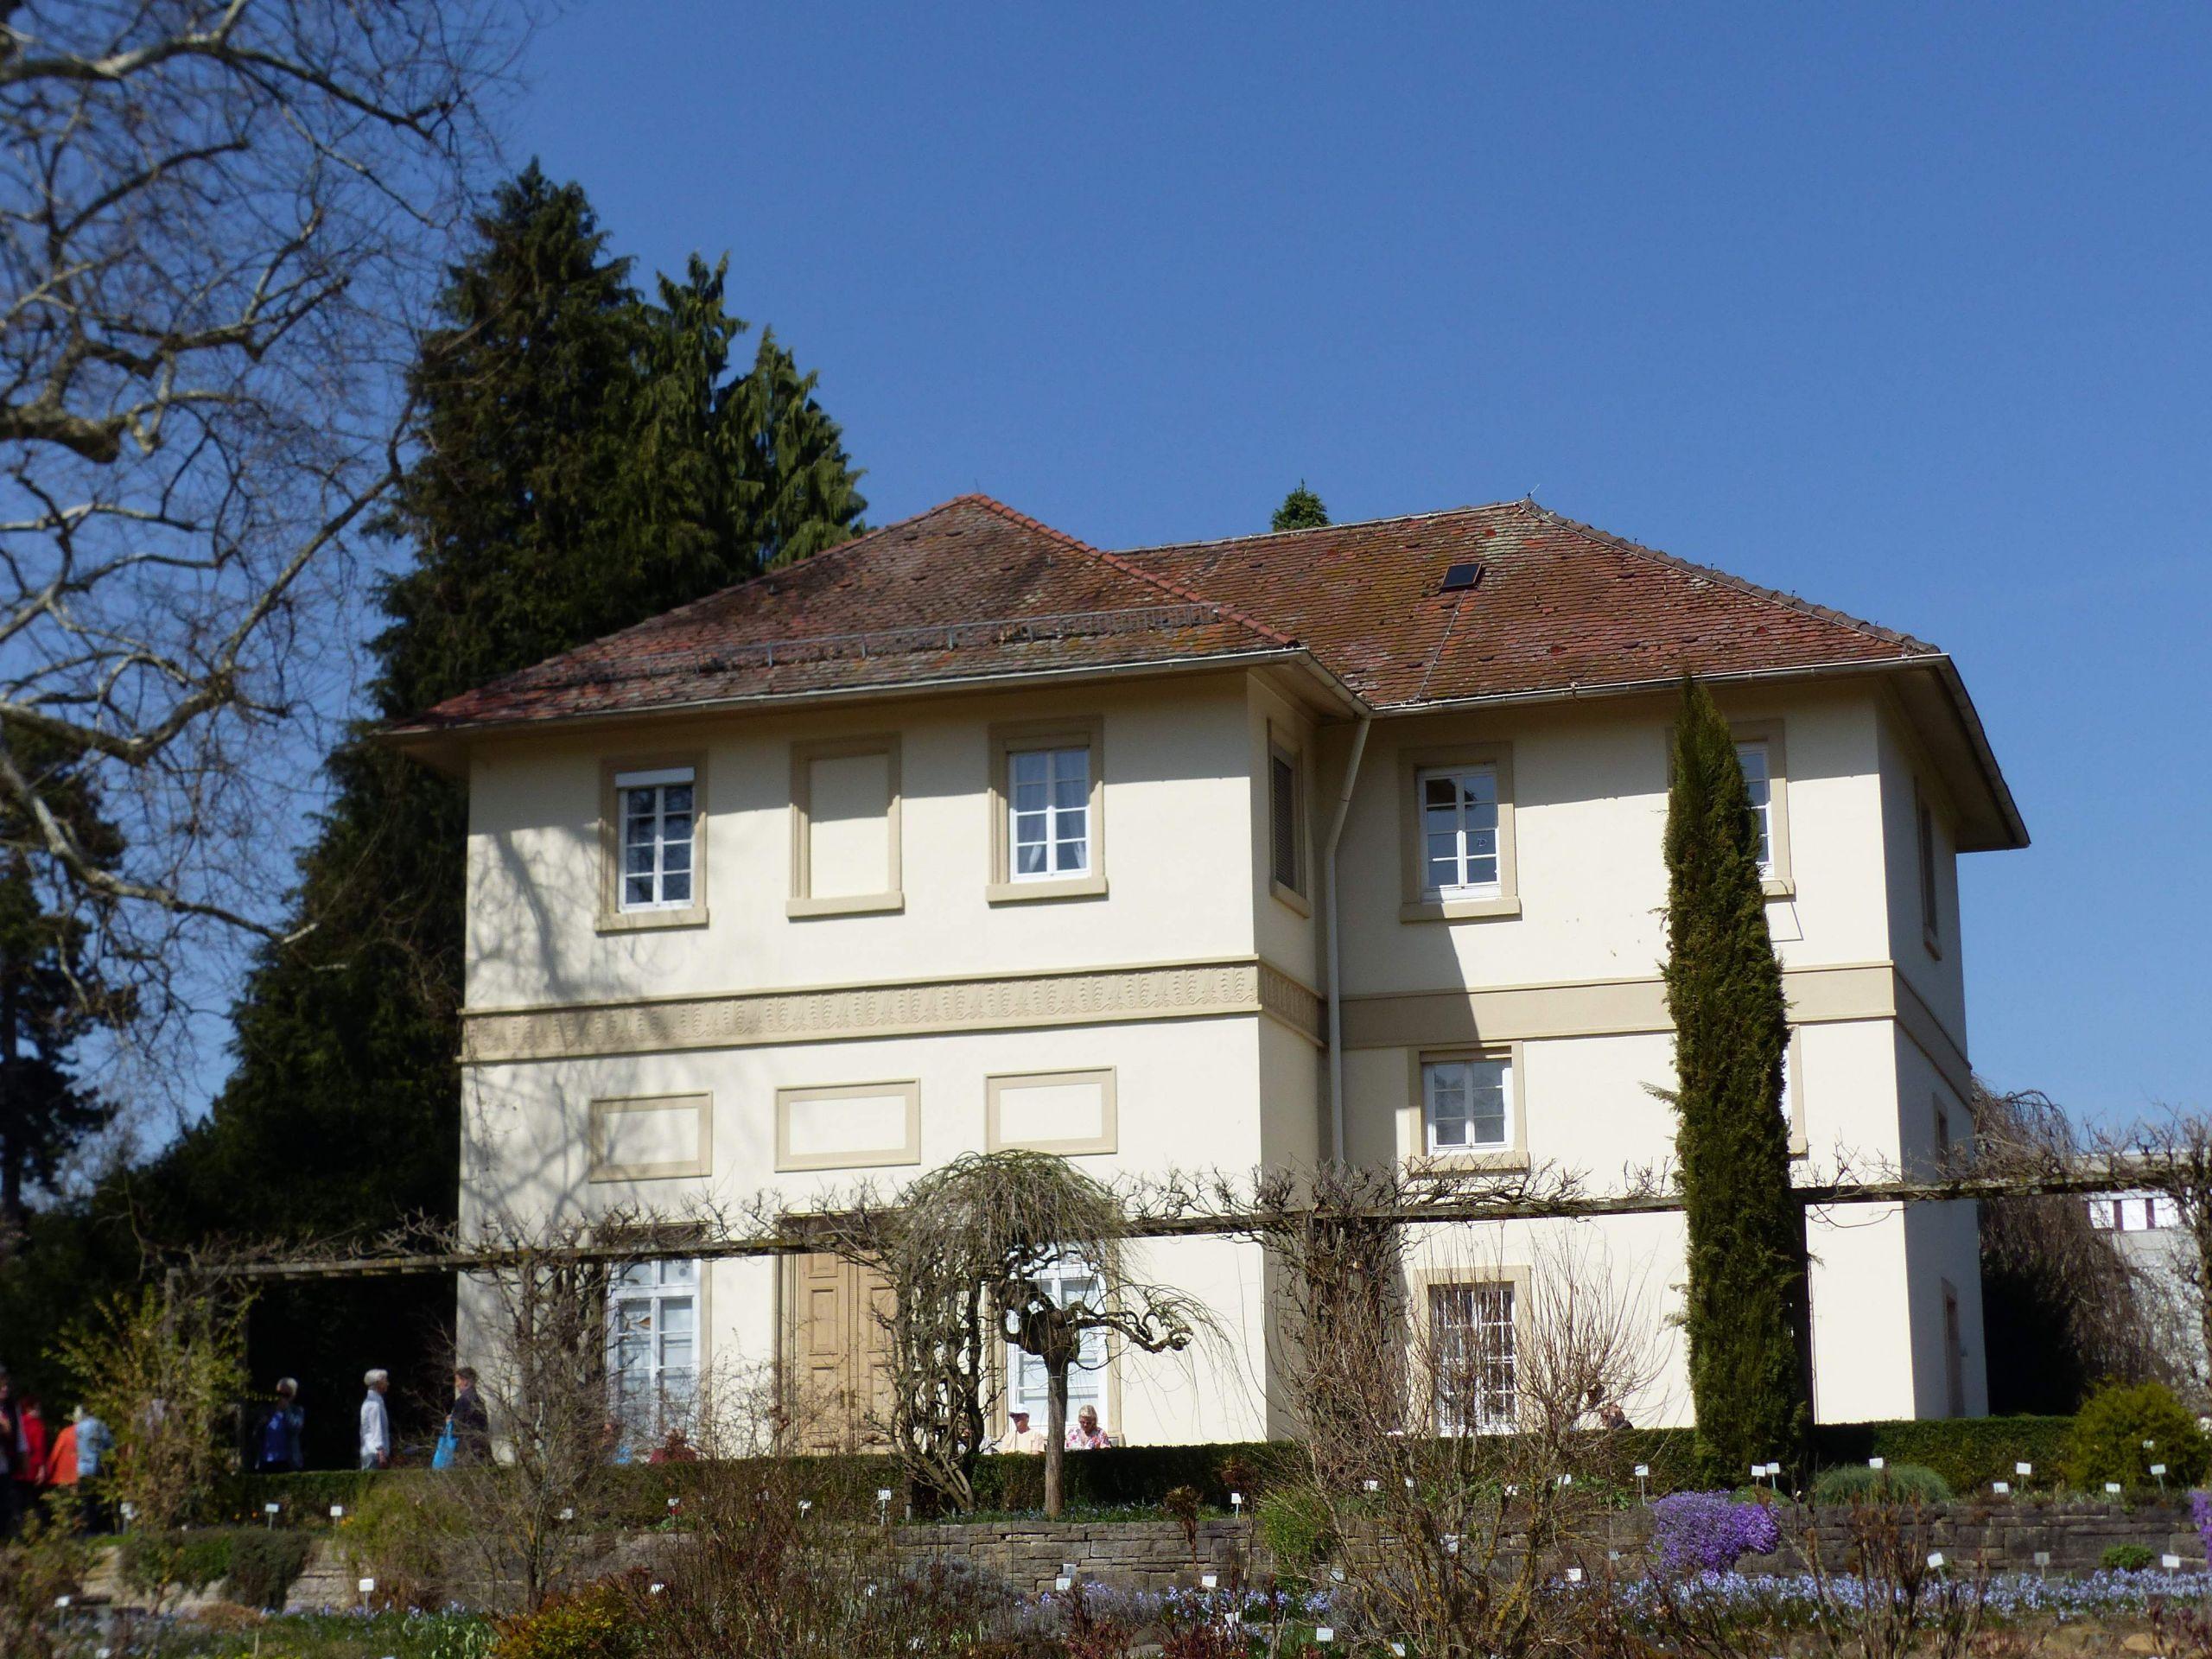 Bambus Garten Stuttgart Genial Datei sogenanntes Spielhaus Exotischer Garten 1 Stuttgart